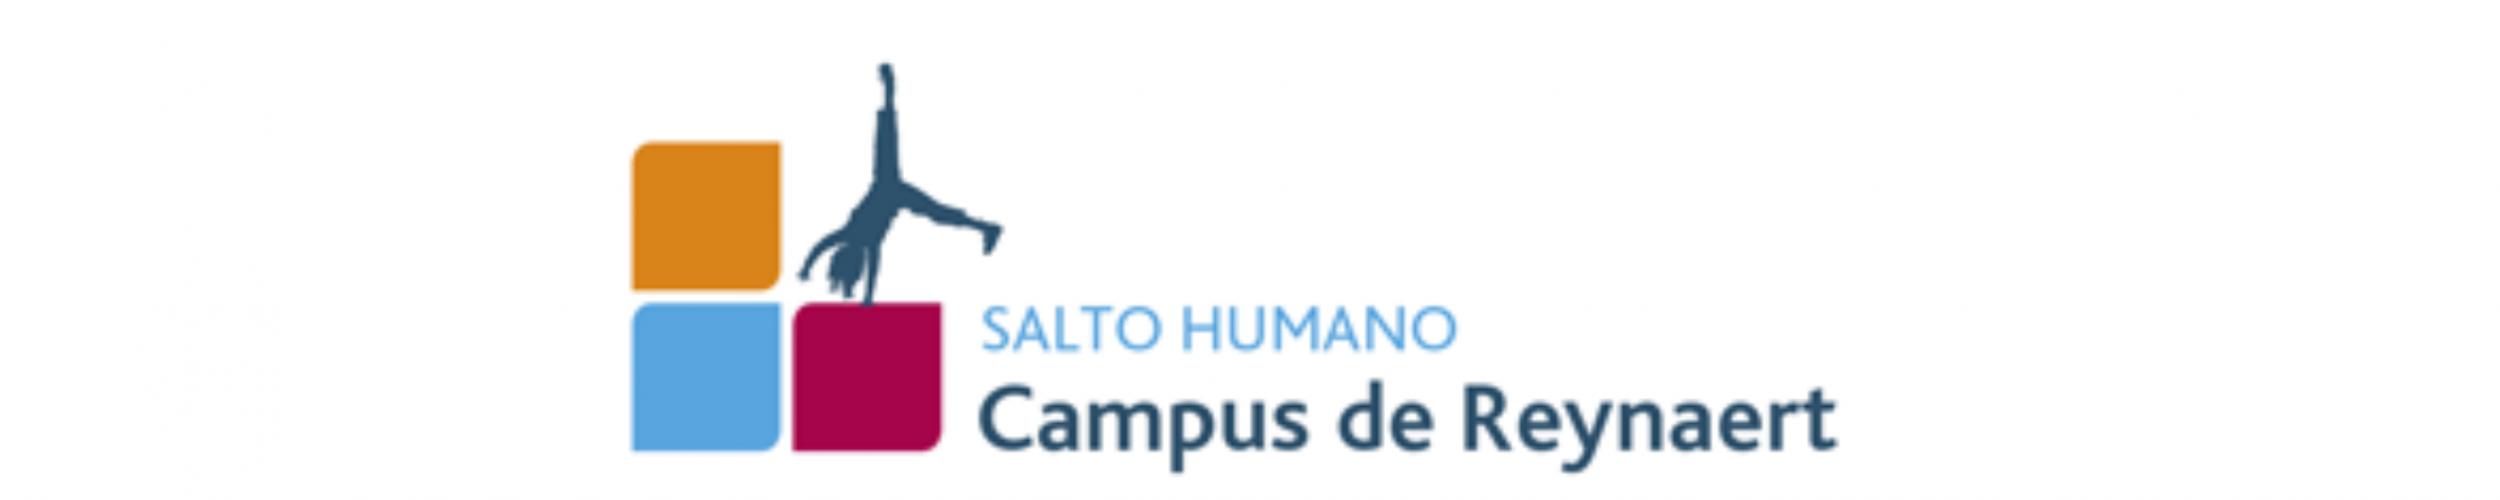 Campus de Reynaert